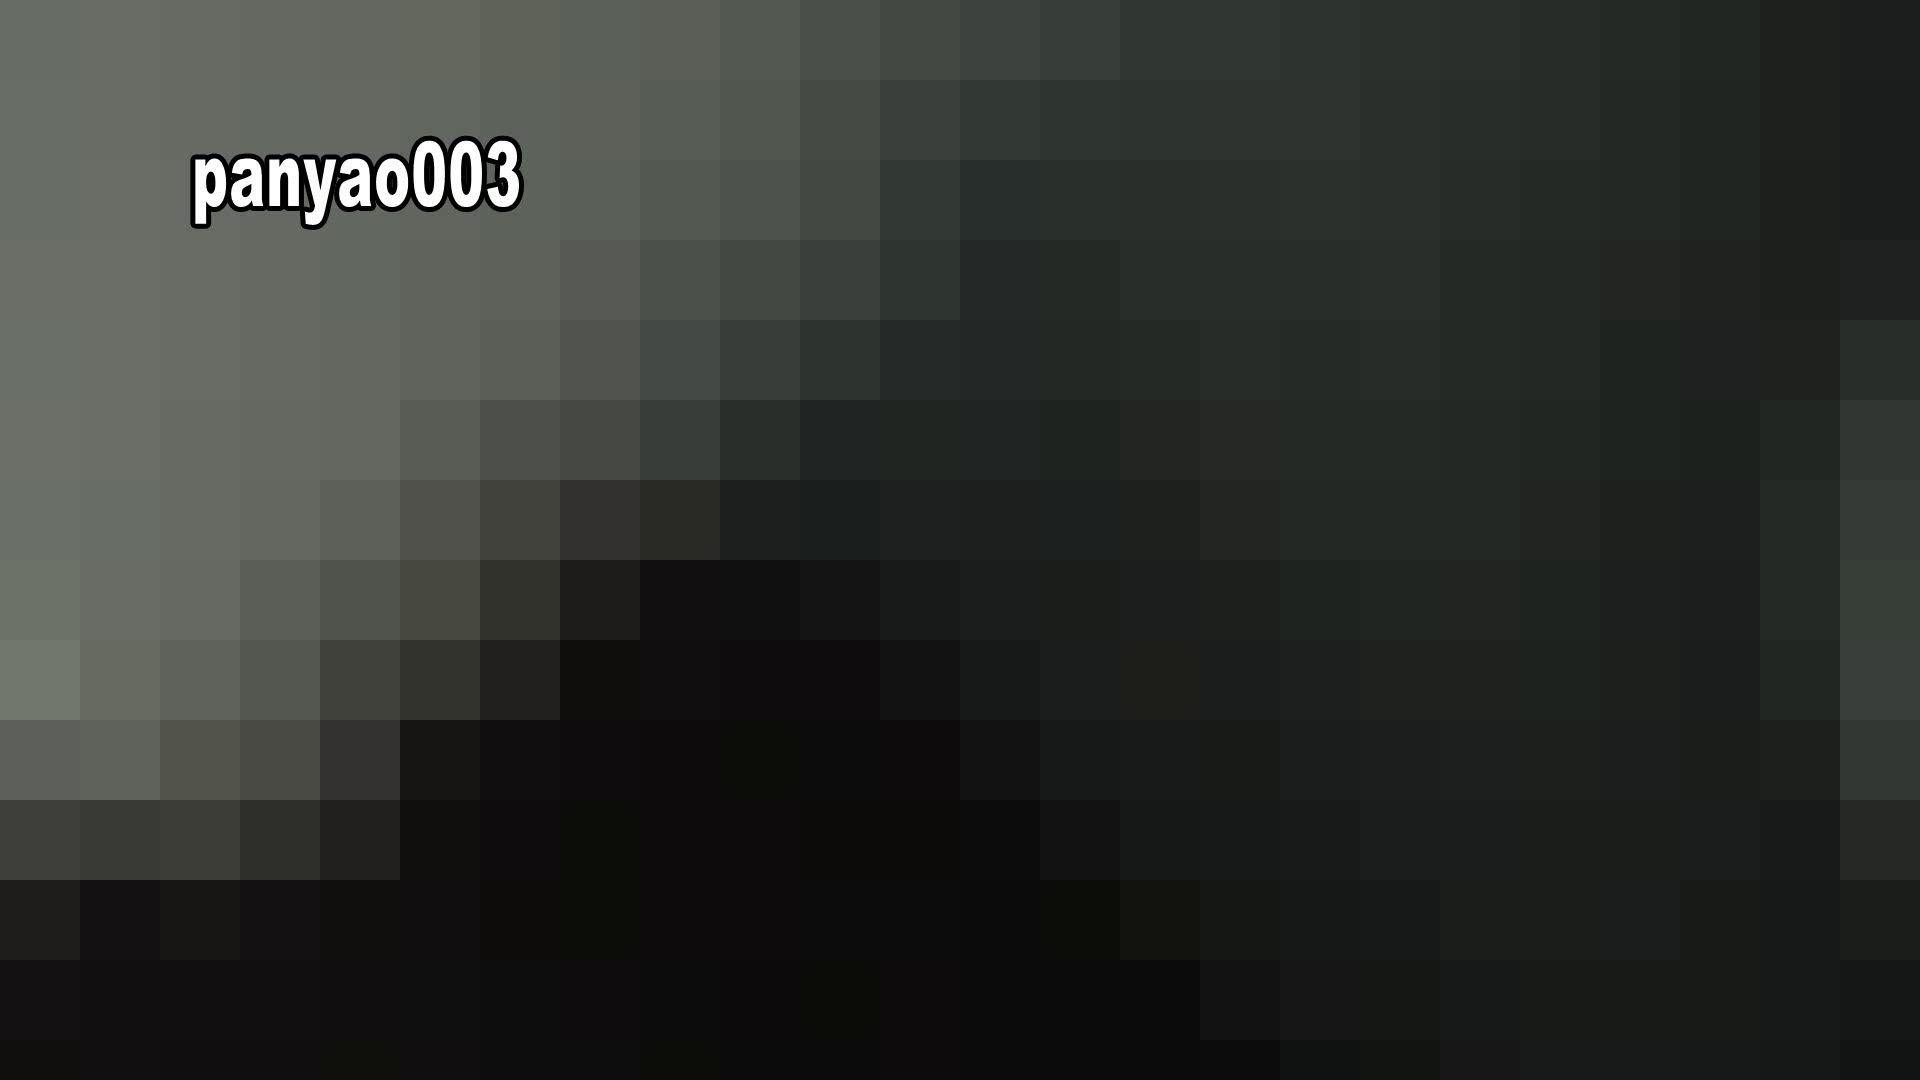 日本成人用品展览会。vol.03 ミリミリミリィ 潜入突撃 | 着替え  79pic 28